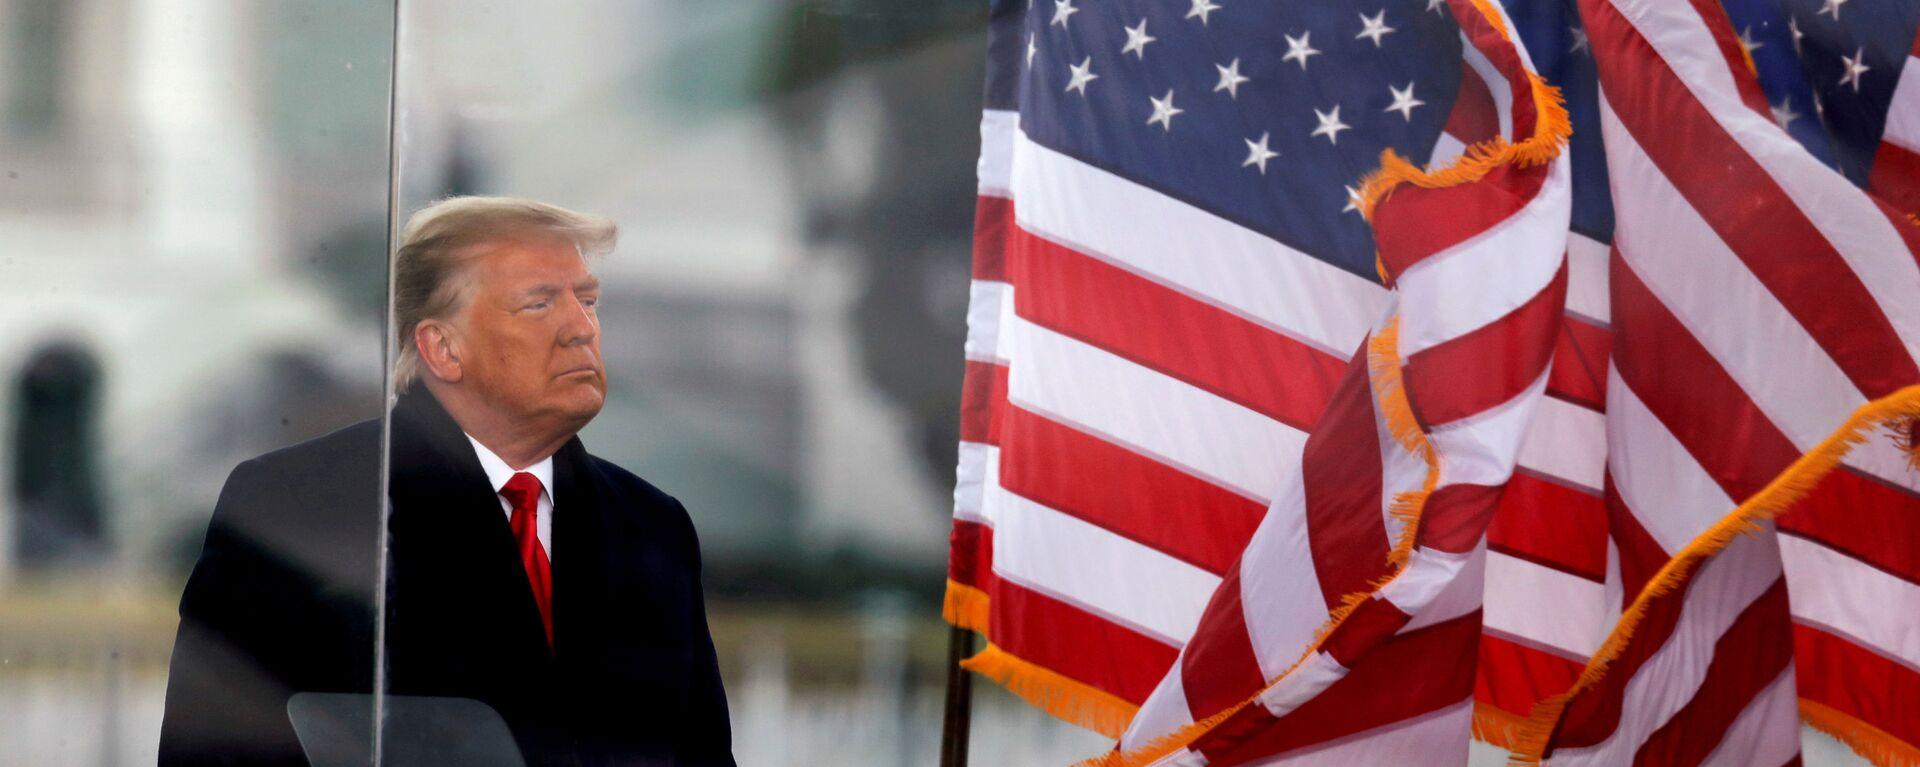 Donald Trump, expresidente de EEUU - Sputnik Mundo, 1920, 08.02.2021